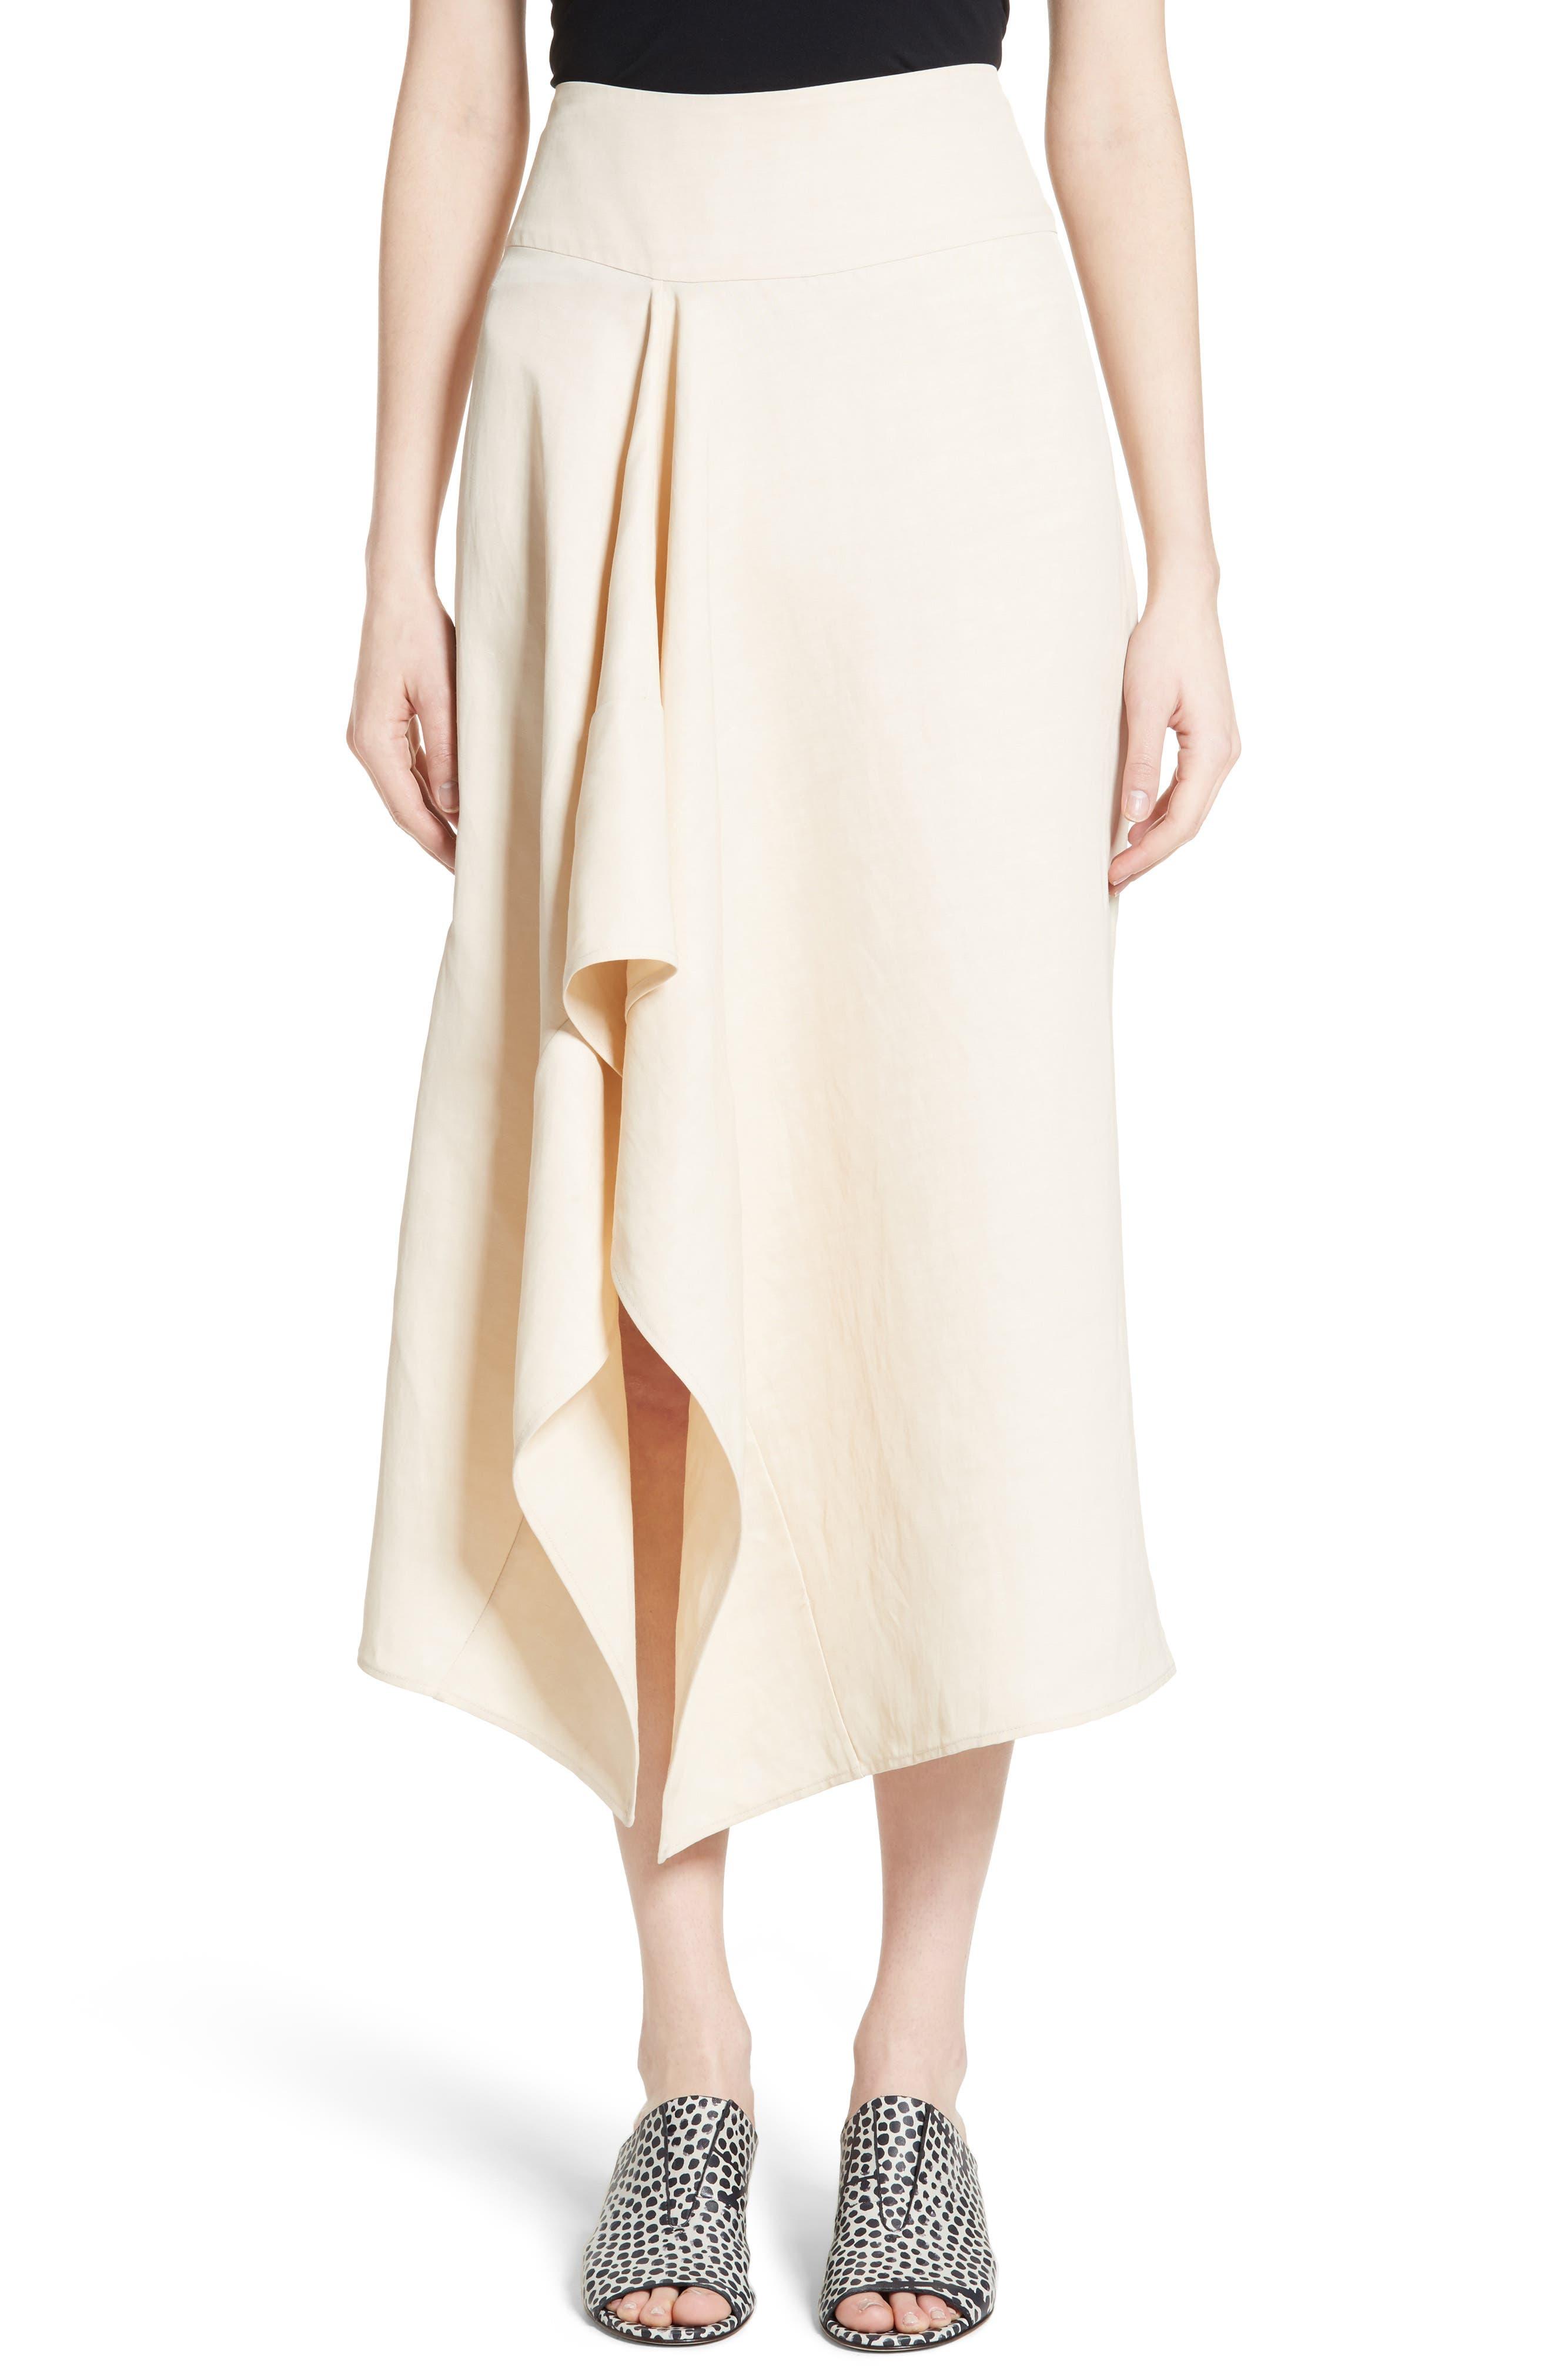 Zero + Maria Cornejo Eros Vintage Toile Skirt